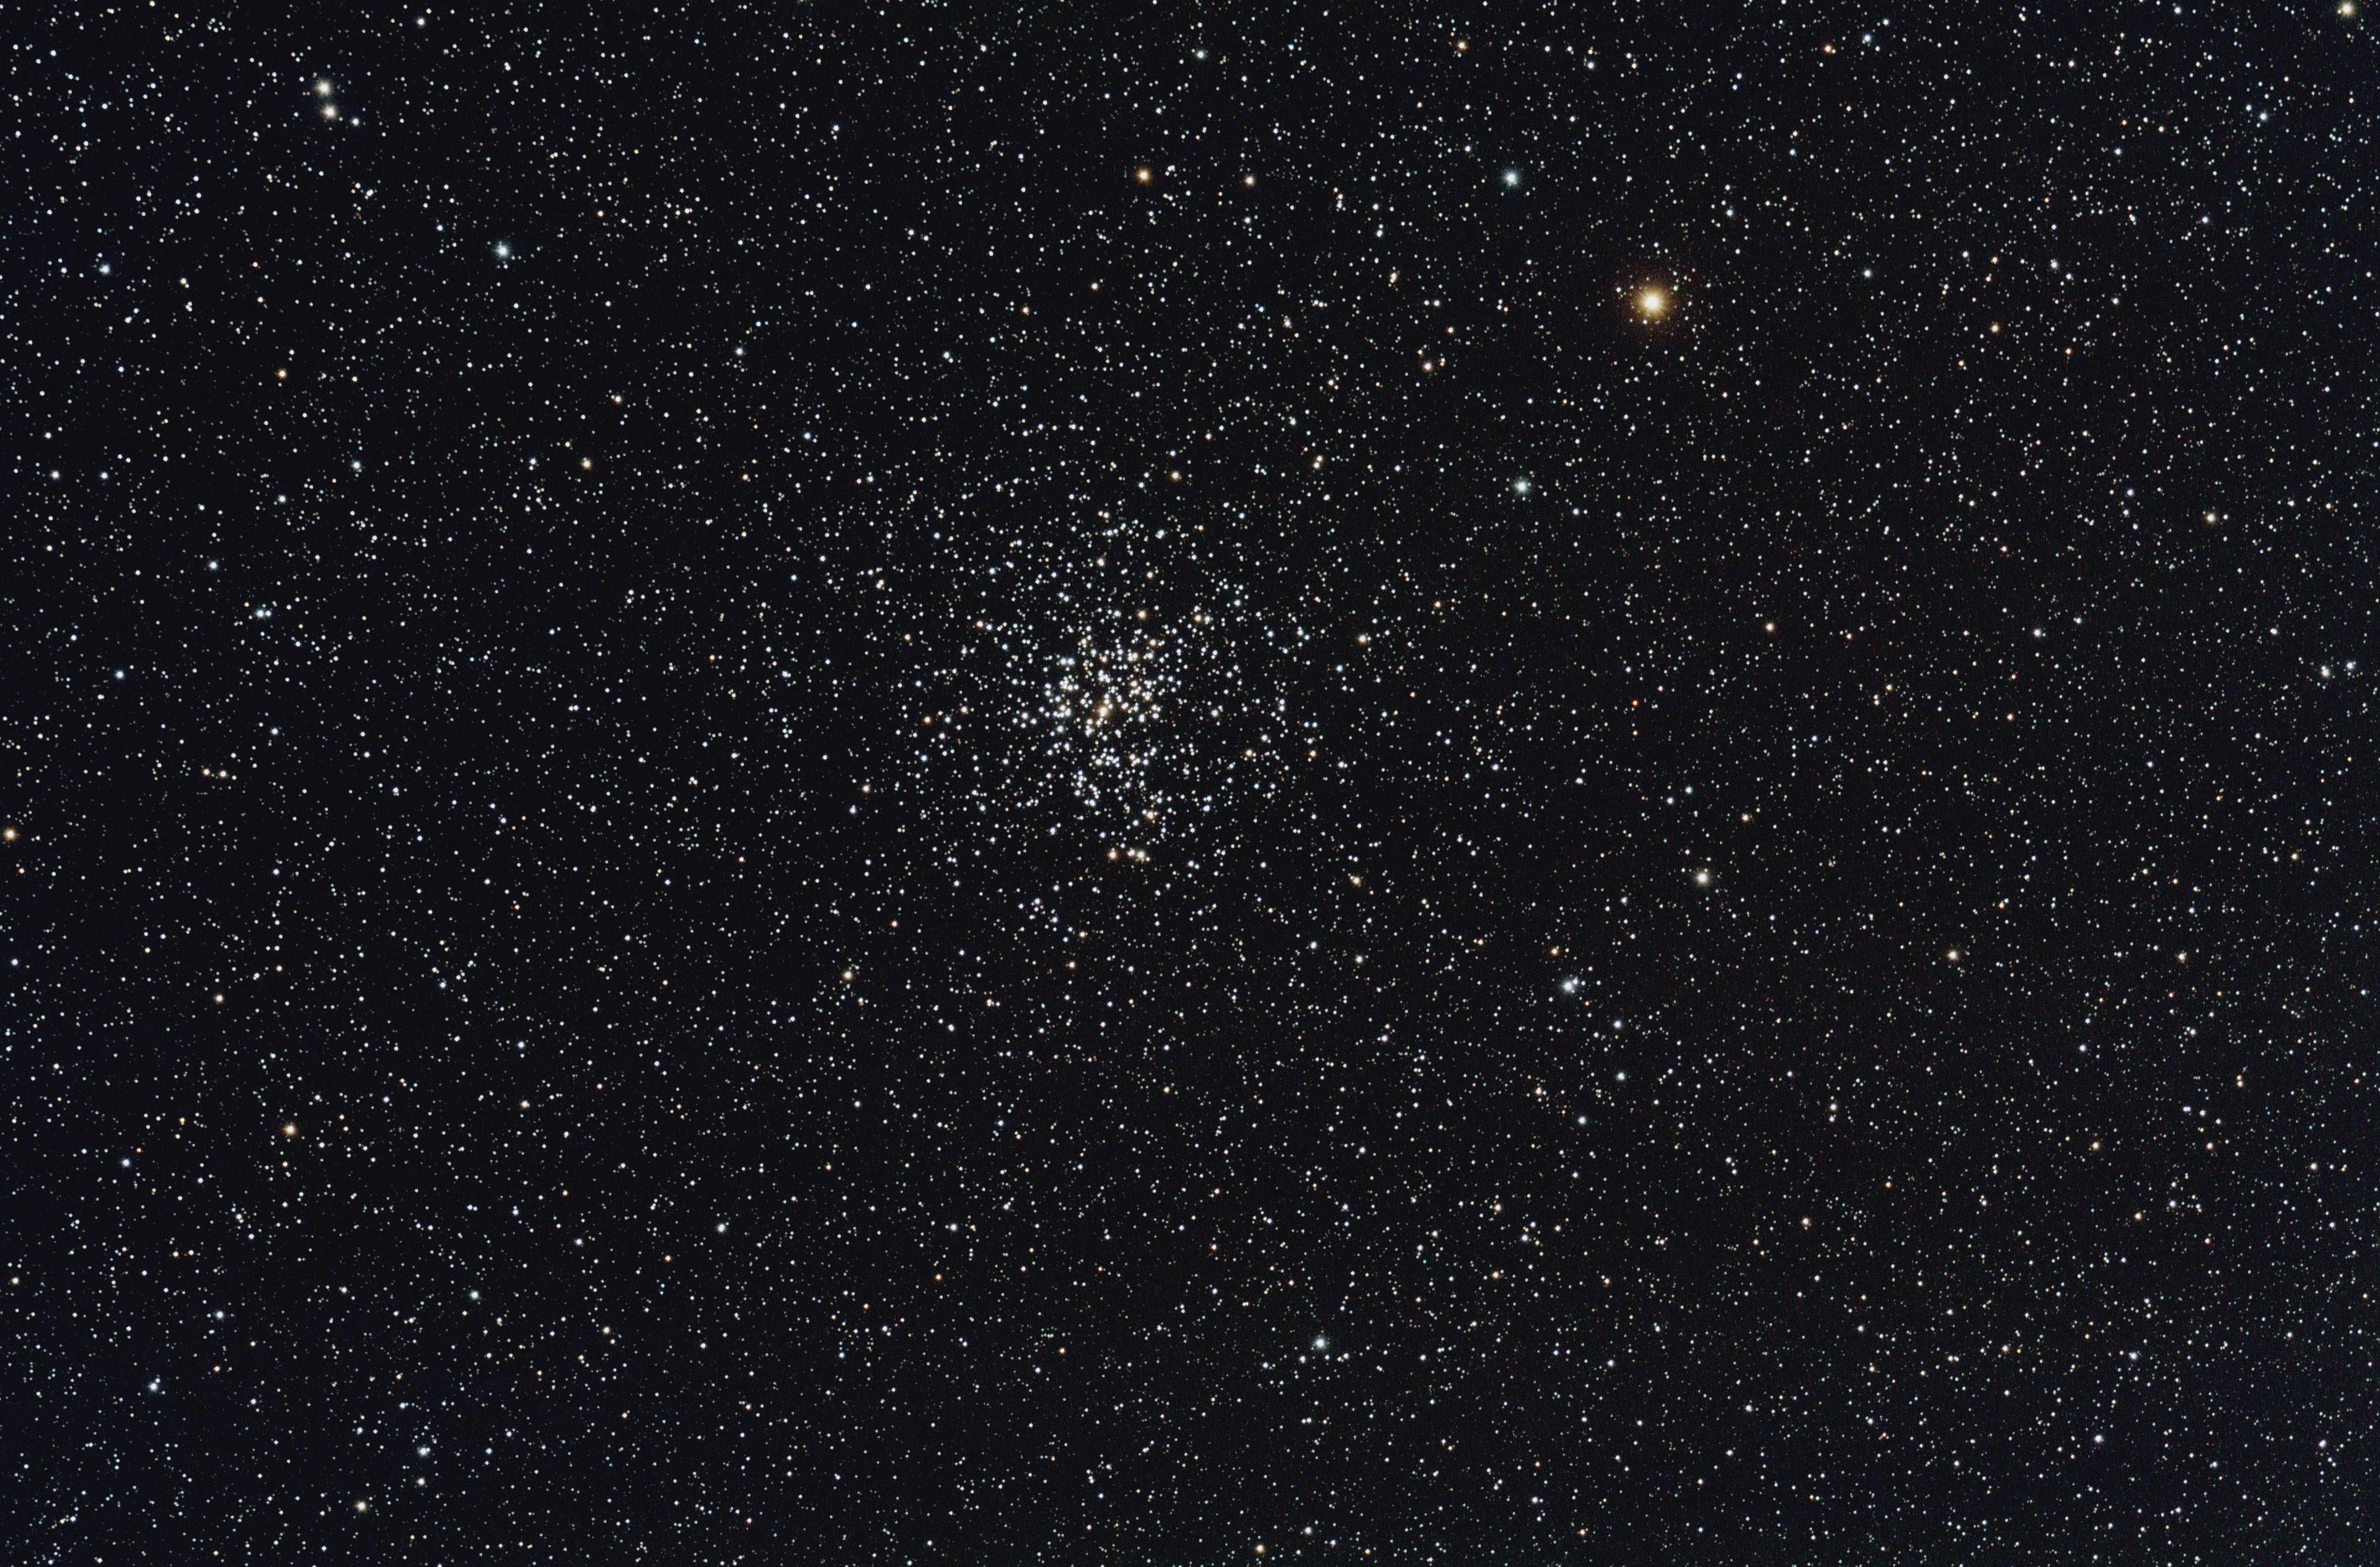 Messier 37